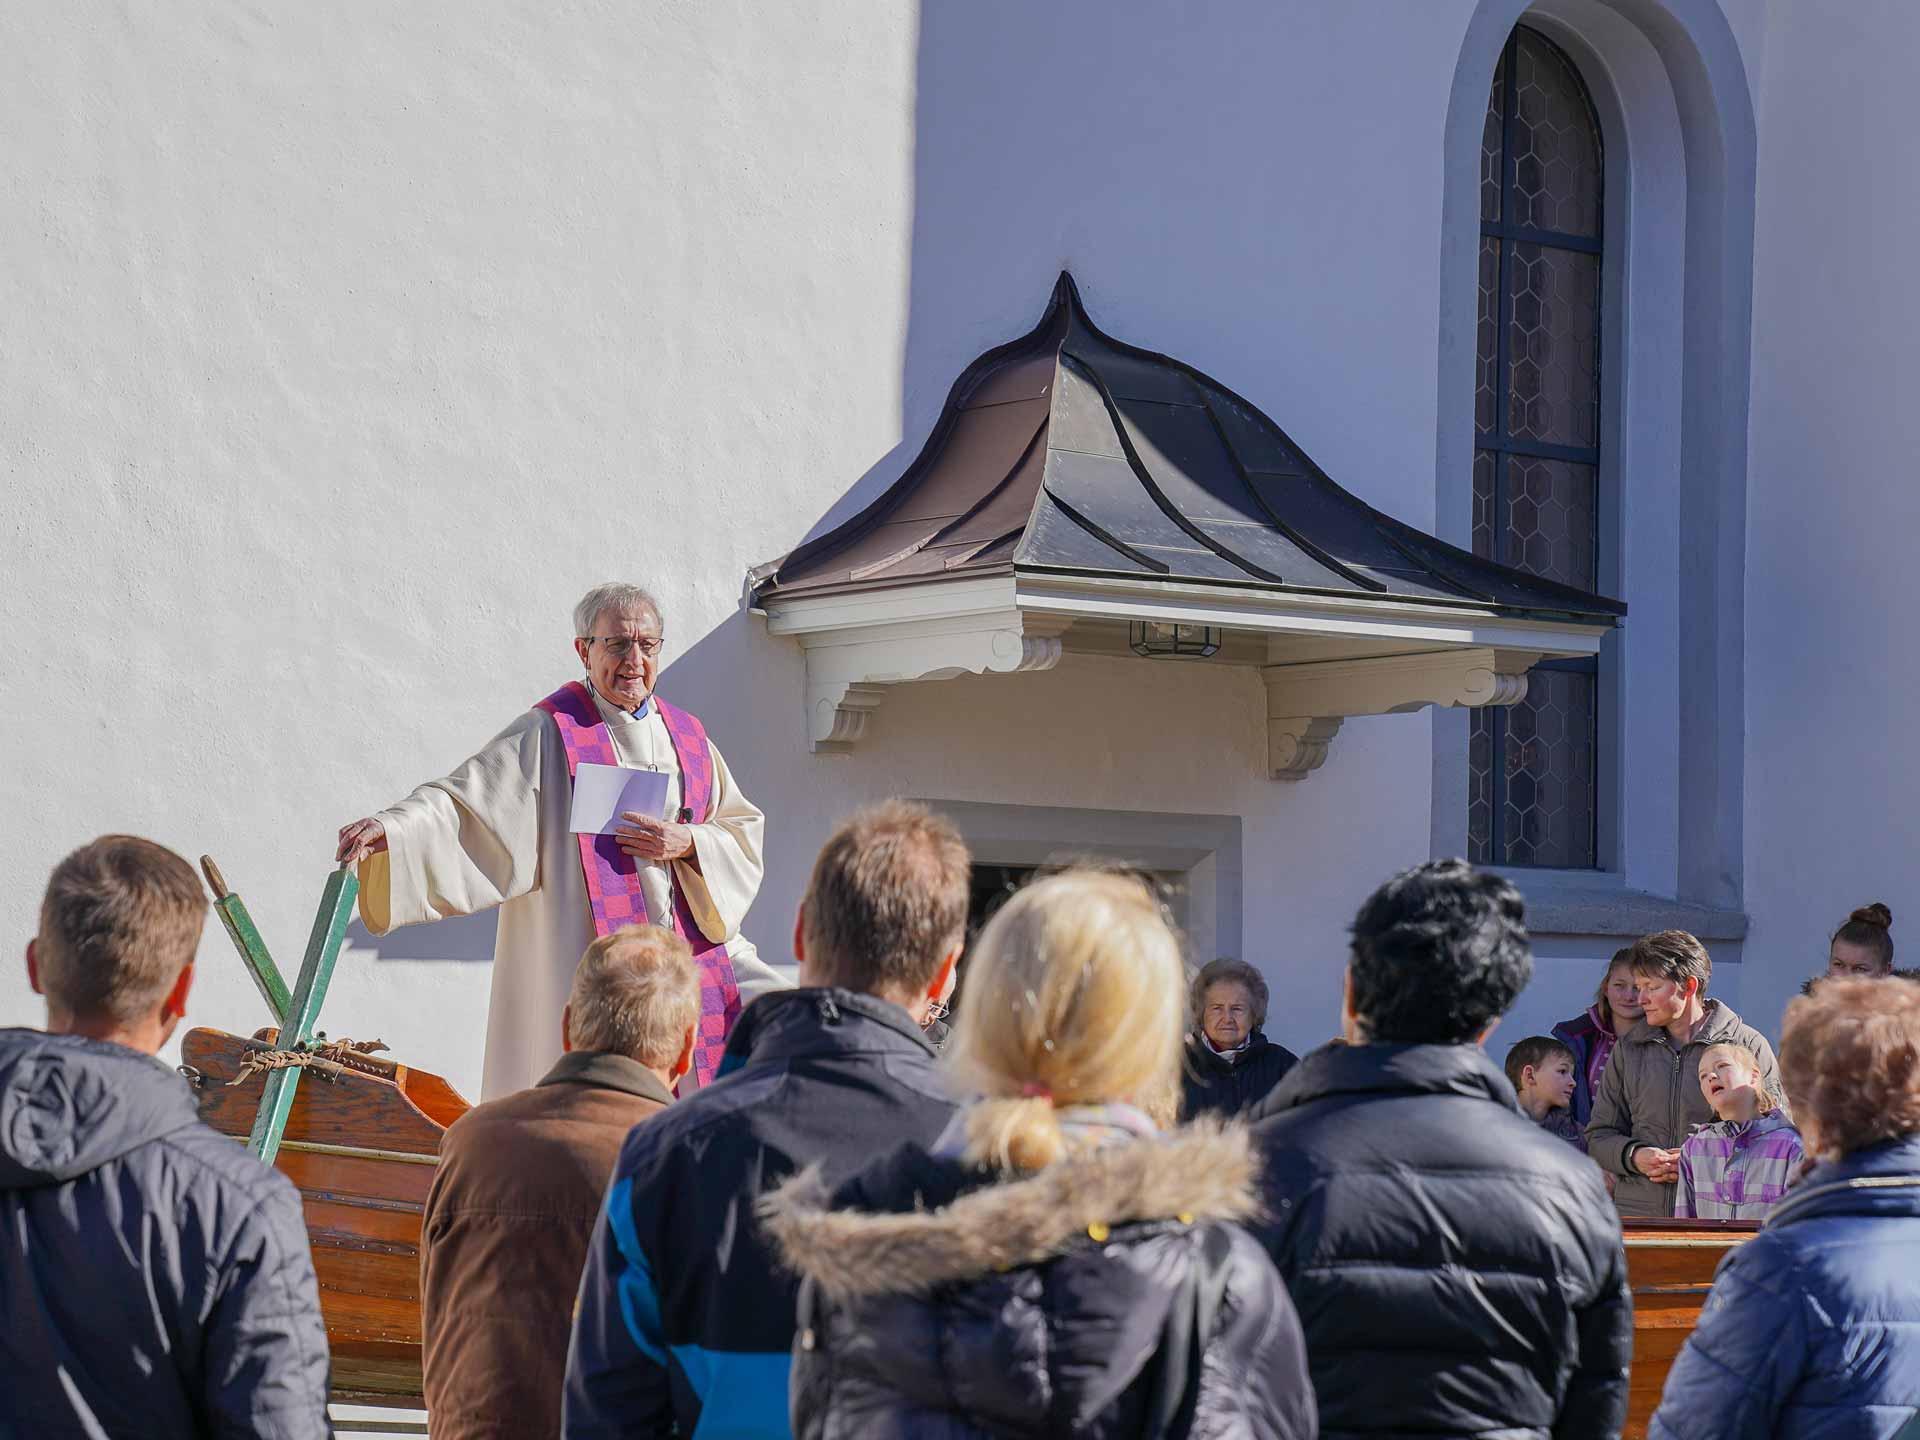 Für seine Predigt wechselte Wallfahrtspriester Kobi Zemp vom Kirchenraum ins Jubiläumsboot der Landeskirchen. | © 2020 Sven Duss